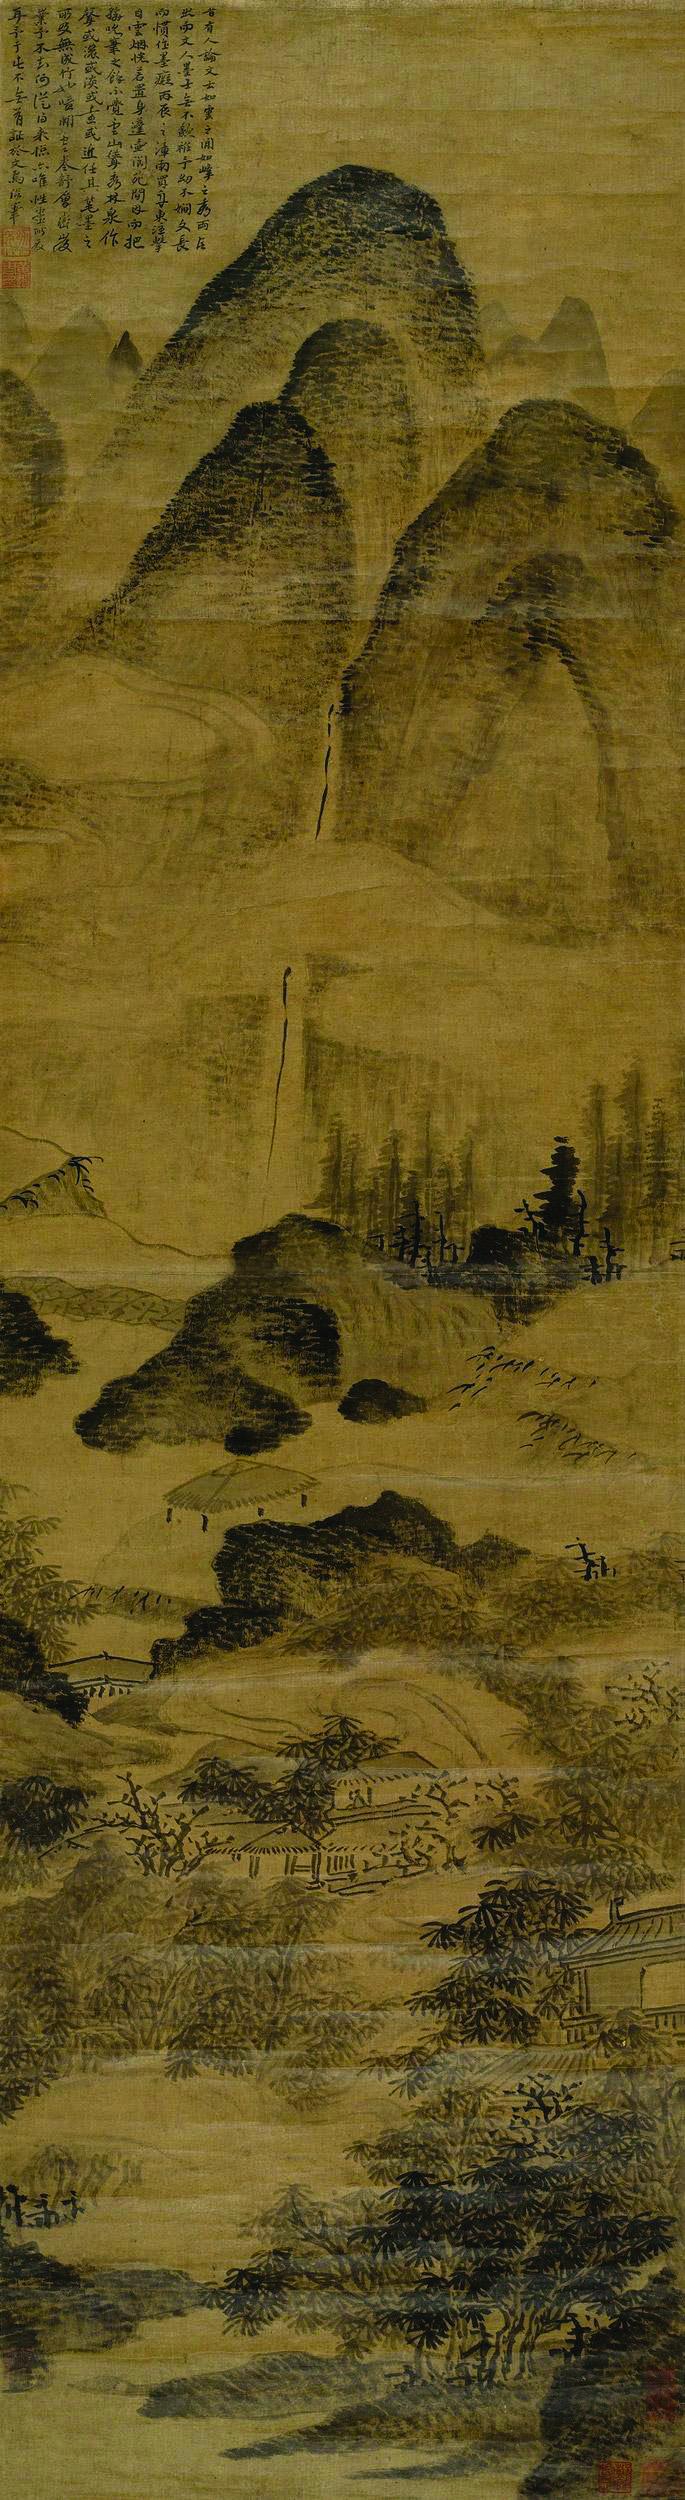 黄道周《松山飞瀑》立轴(2011年中贸圣佳89.6万元成交)